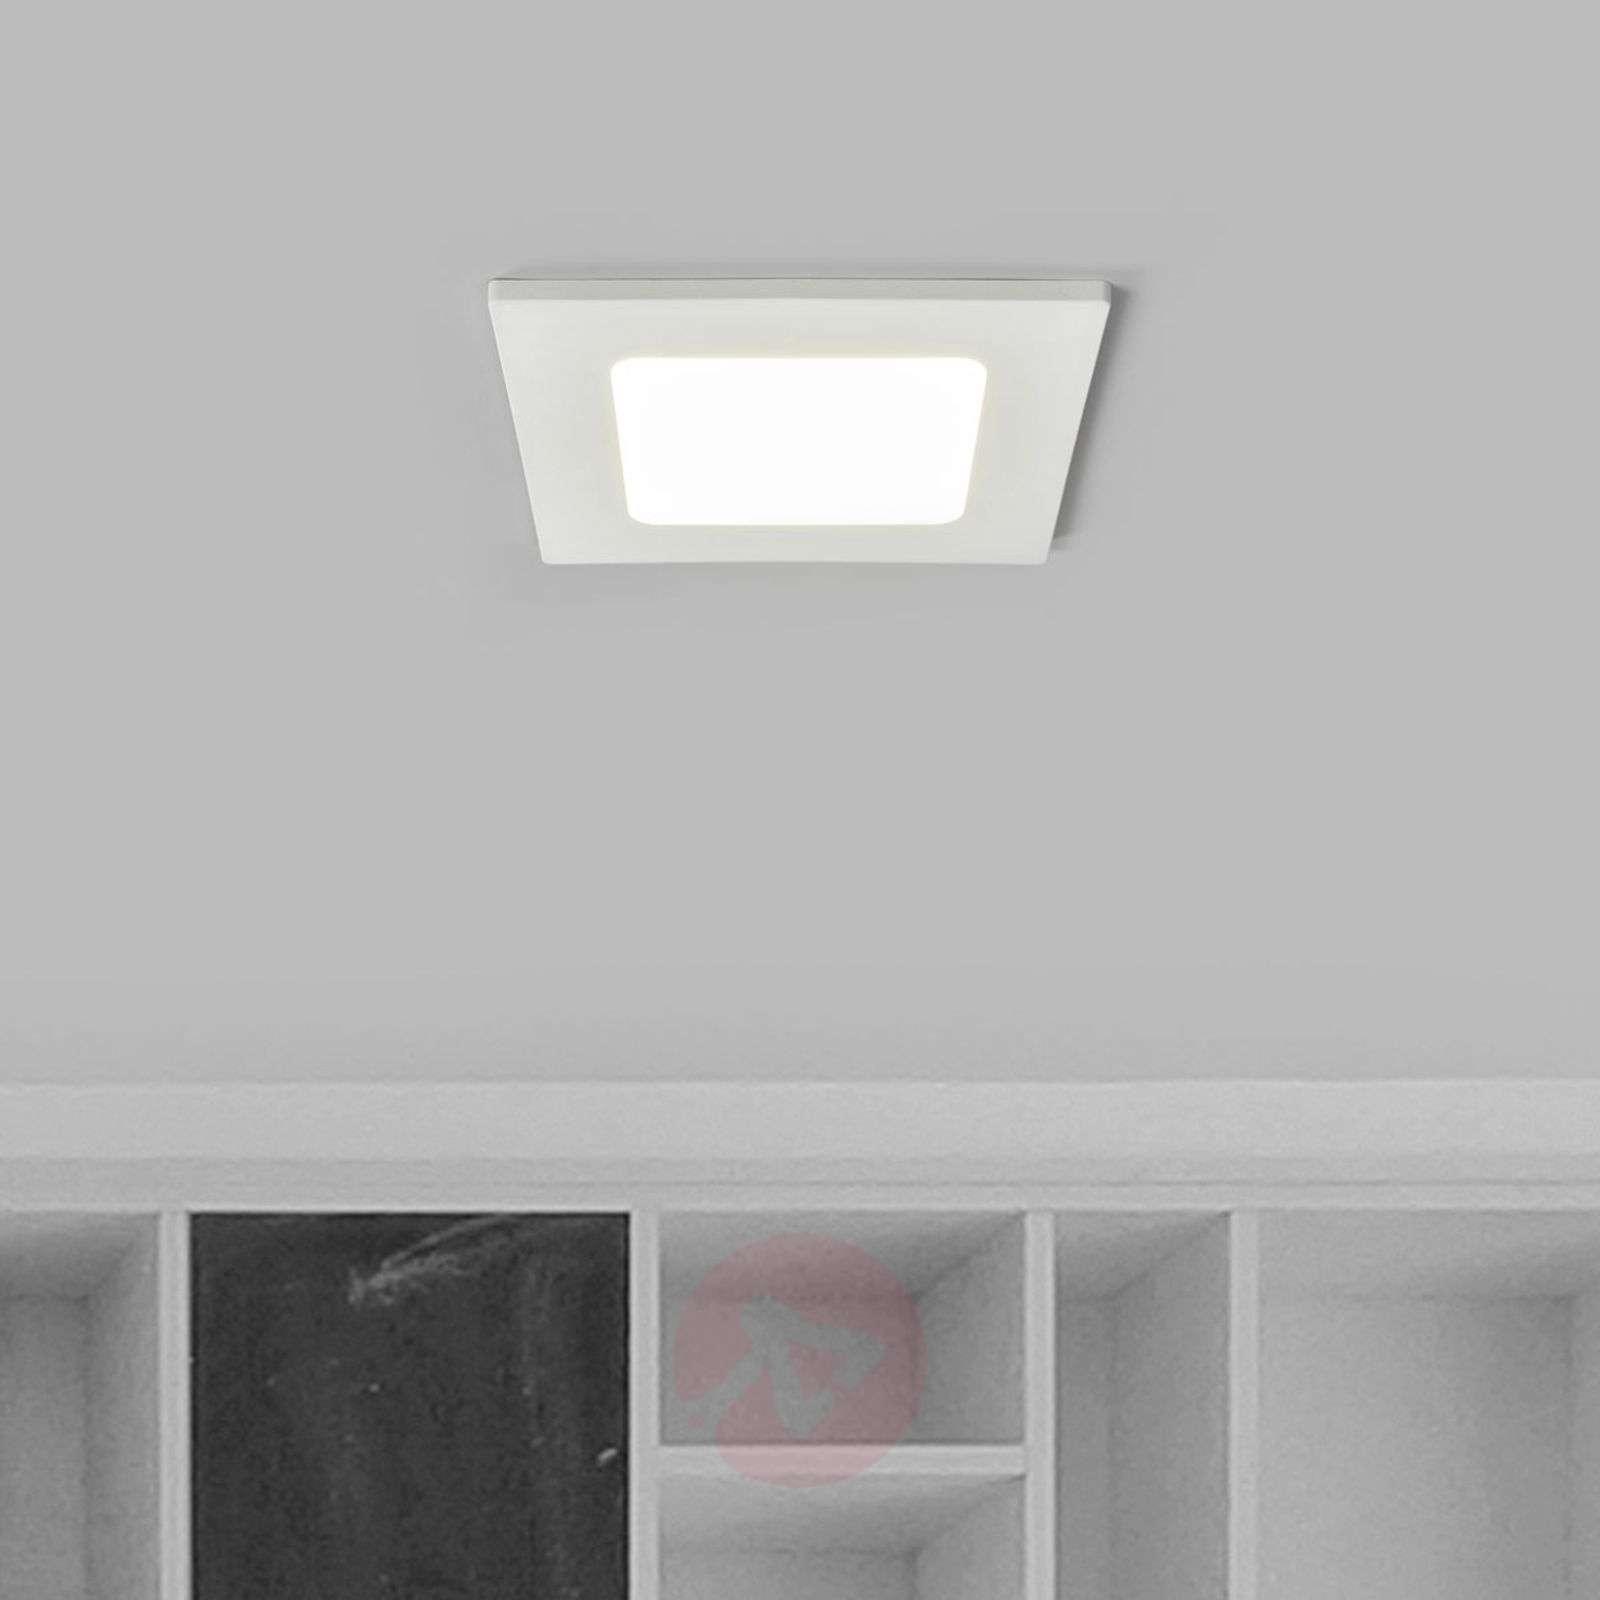 Recessed light Joki in white, LED IP44, square-9978060-02